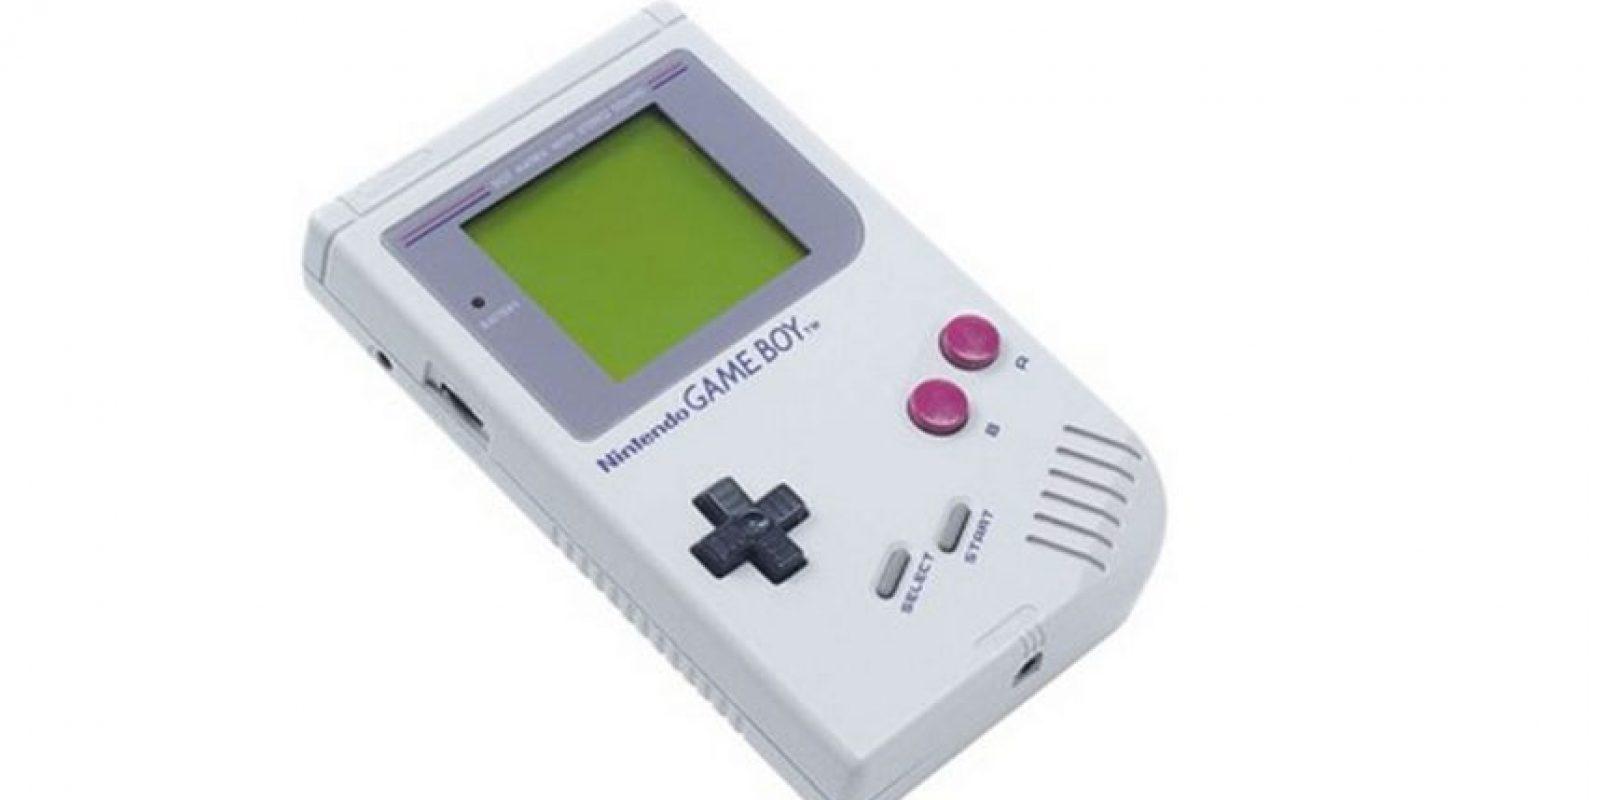 Game Boy fue la primera consola portátil de la empresa Foto:Nintendo